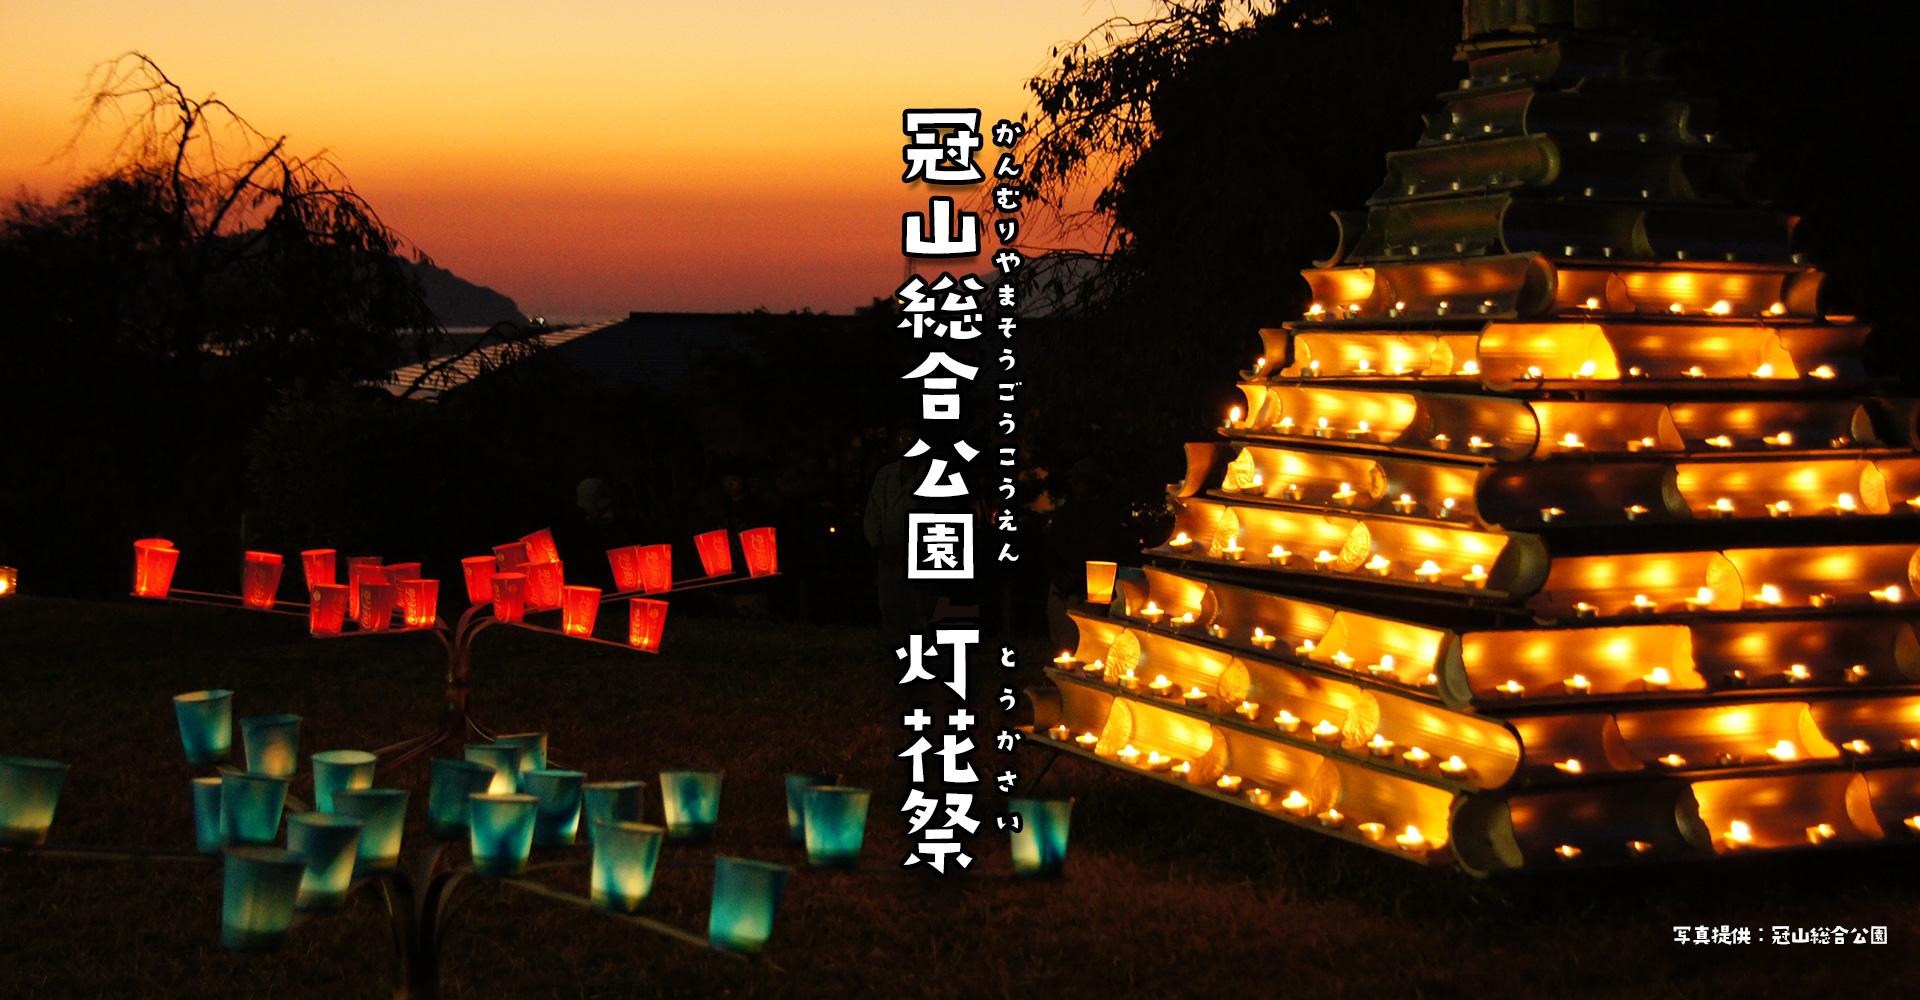 画像:灯花祭